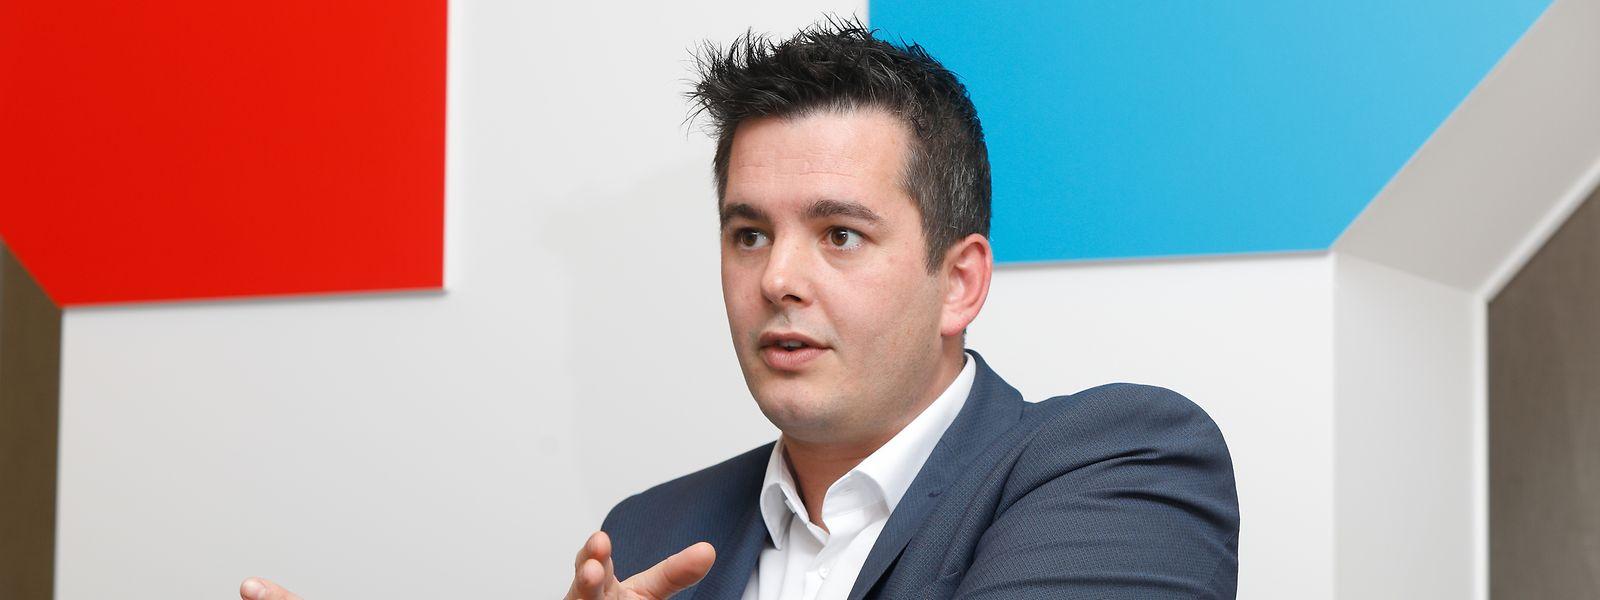 Lex Delles estime que le secteur touristique luxembourgeois peut aborder l'avenir avec sérénité.